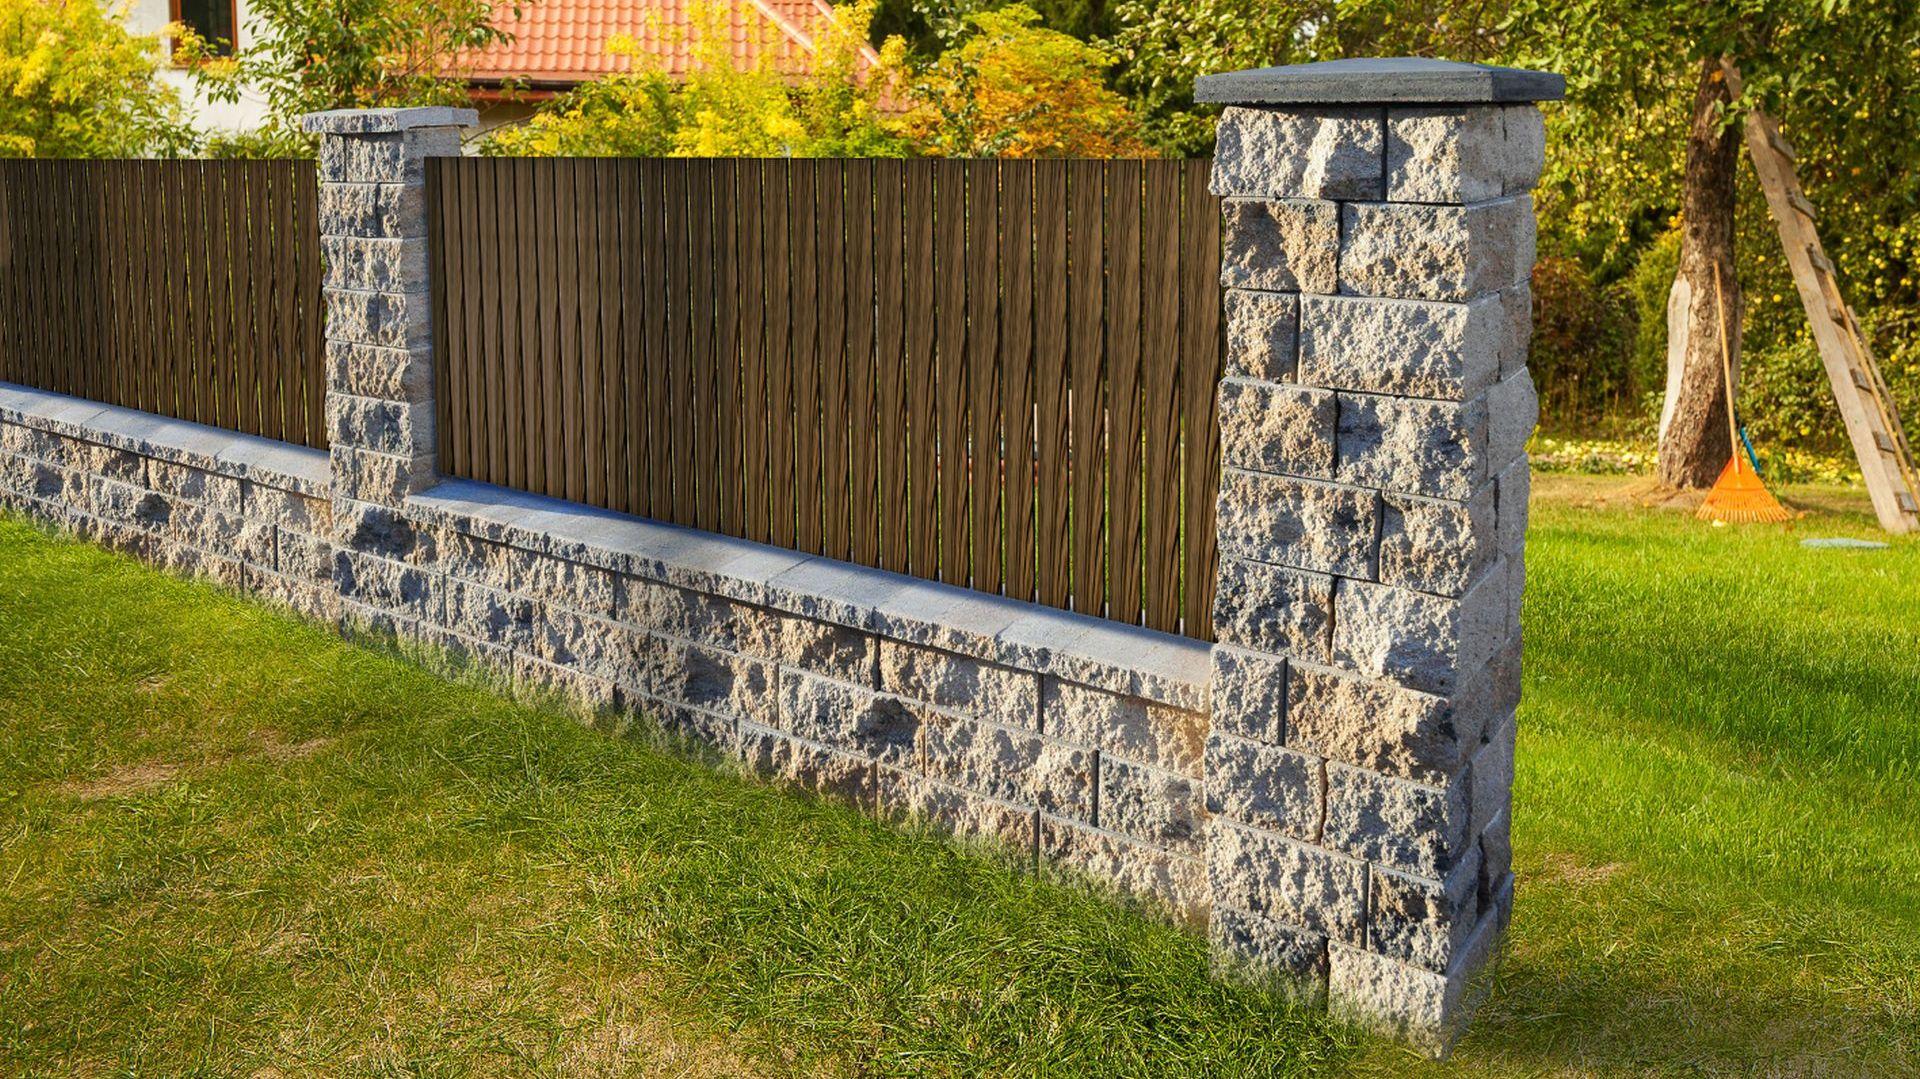 System ogrodzenia najczęściej składa się z podmurówki, murowanych słupków oraz przęseł. Te ostatnie mogą być wykonane ze stali, drewna, siatki czy niemal nieograniczonej liczby innych materiałów nie wyłączając szkła. Fot. Buszrem